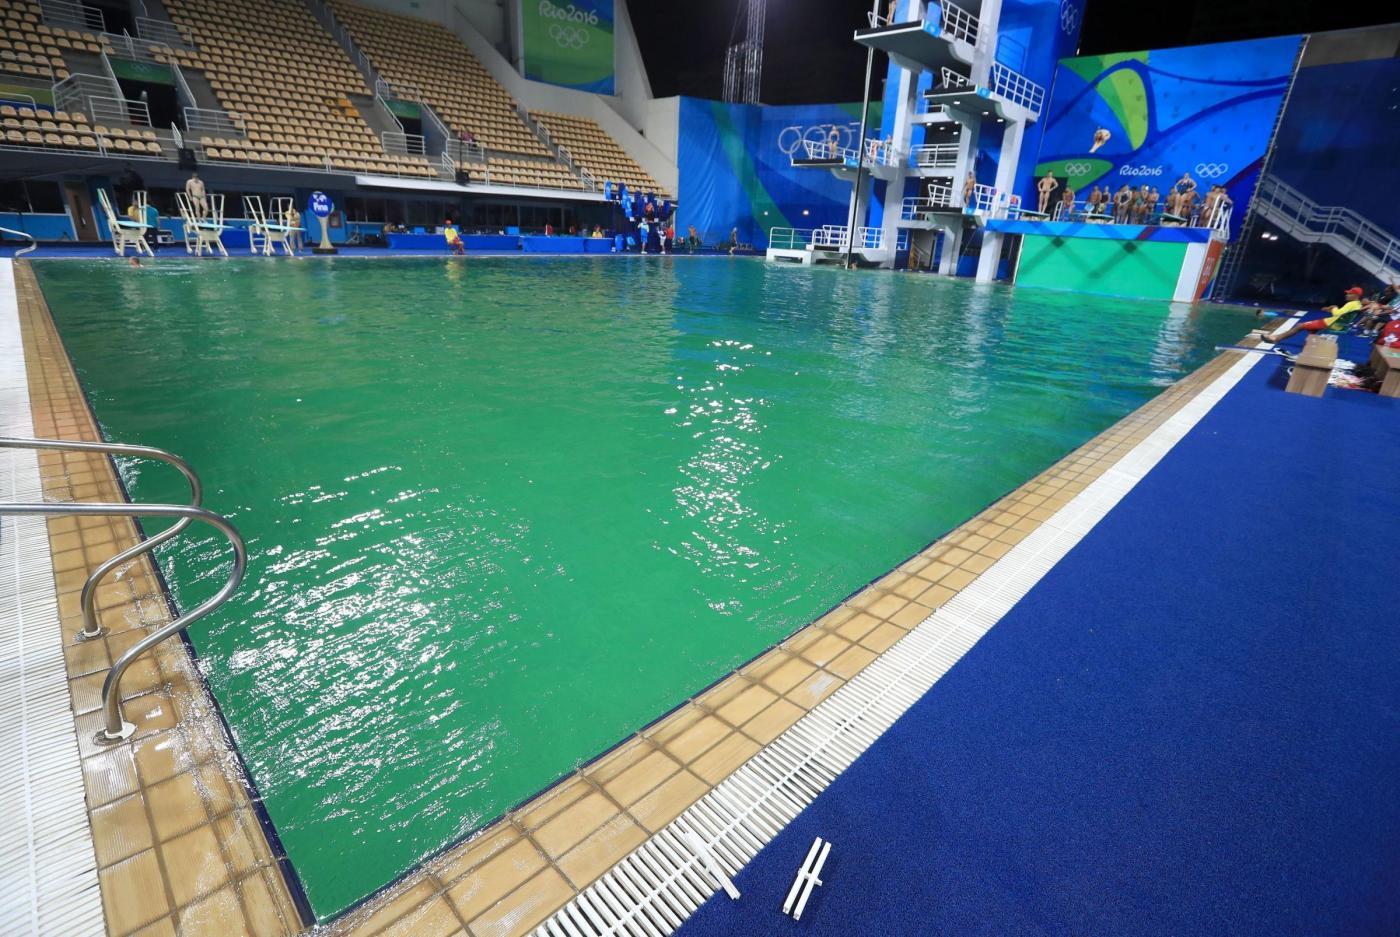 Olimpiadi tuffi acqua ancora verde chiusa piscina a rio - Piscina olimpiadi ...